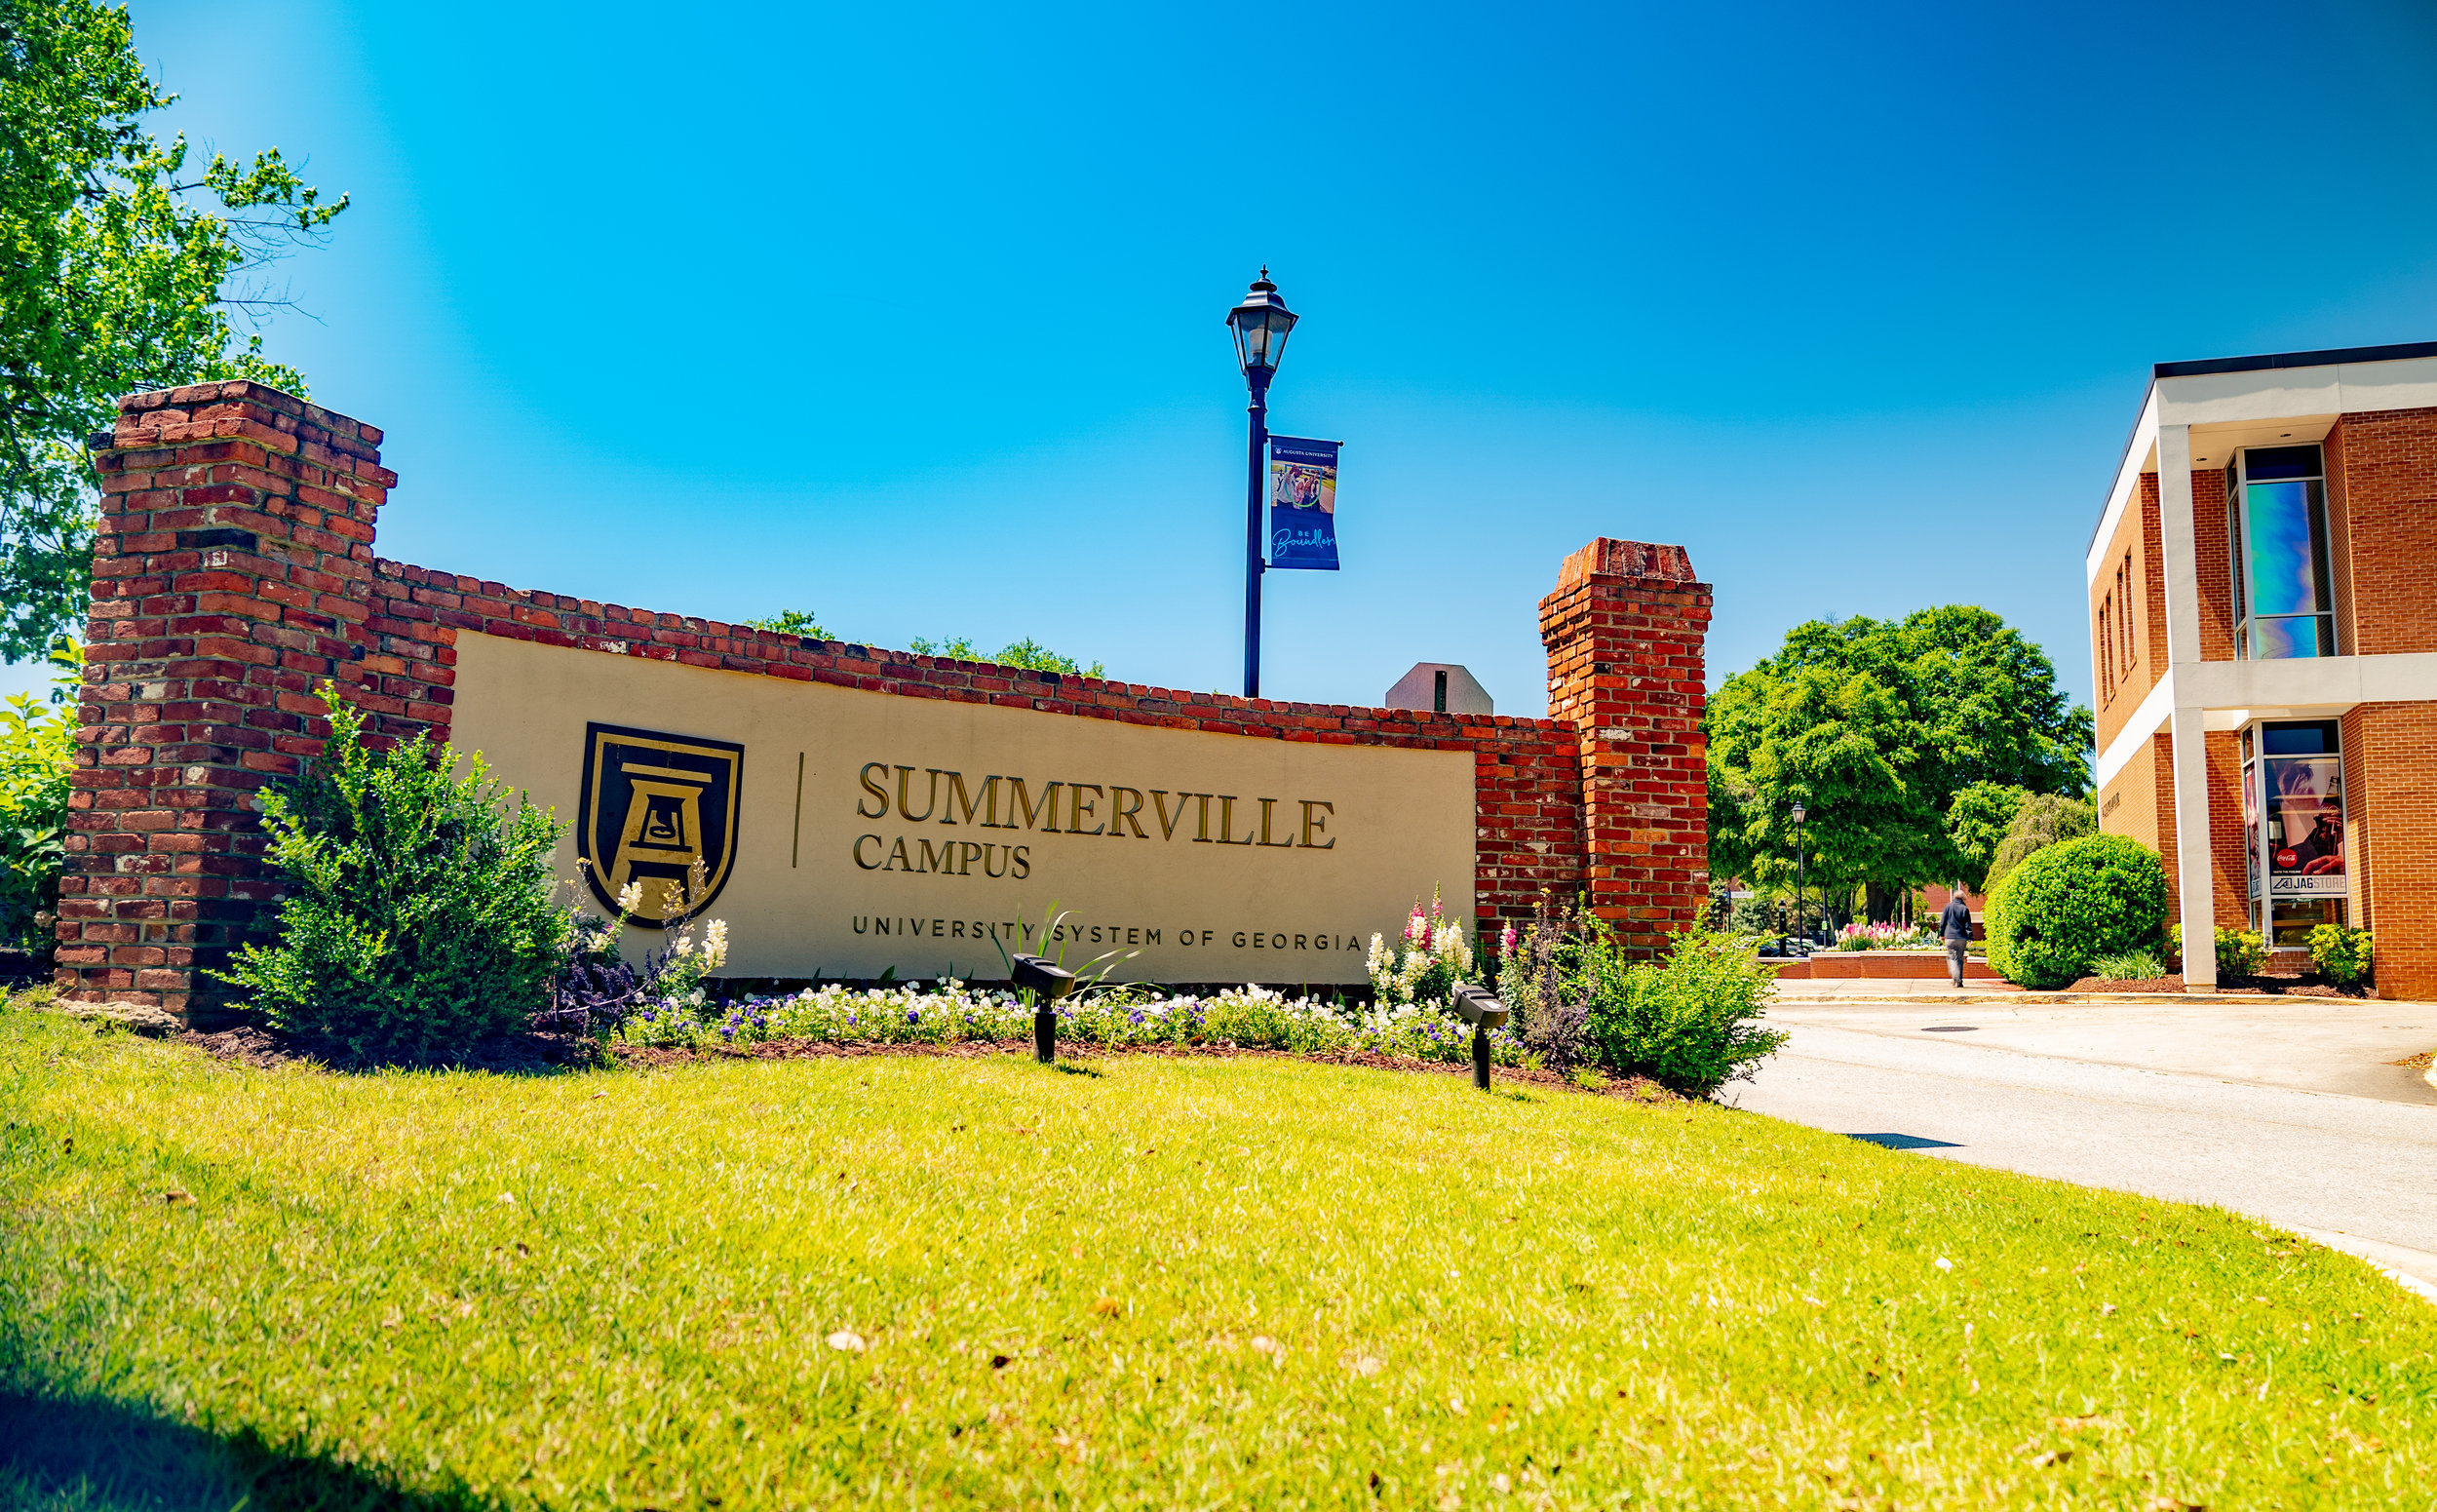 ASU_campus (8 of 15).jpg